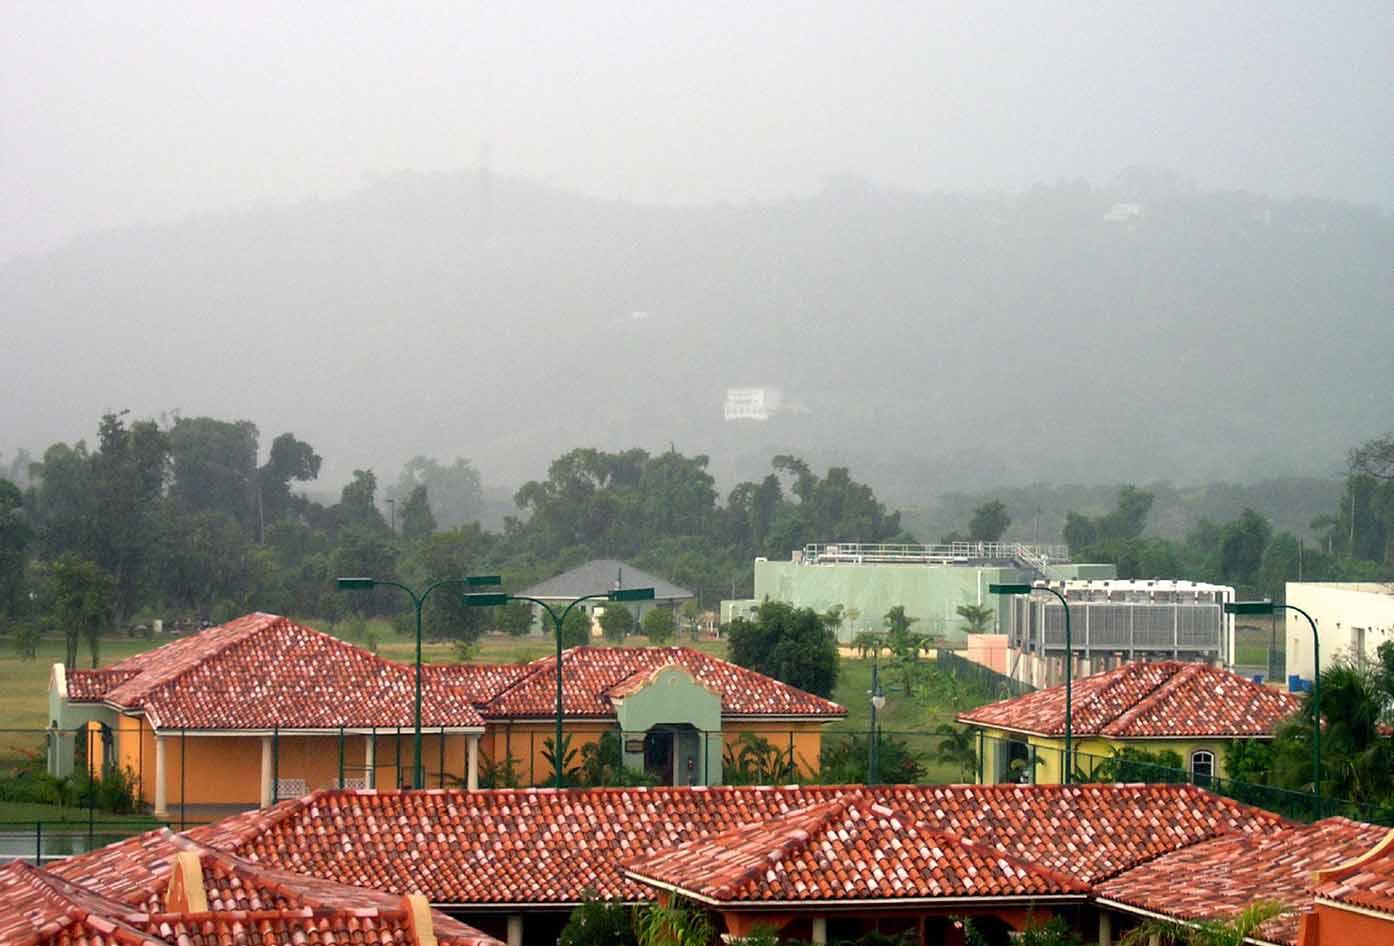 storm in jamaica